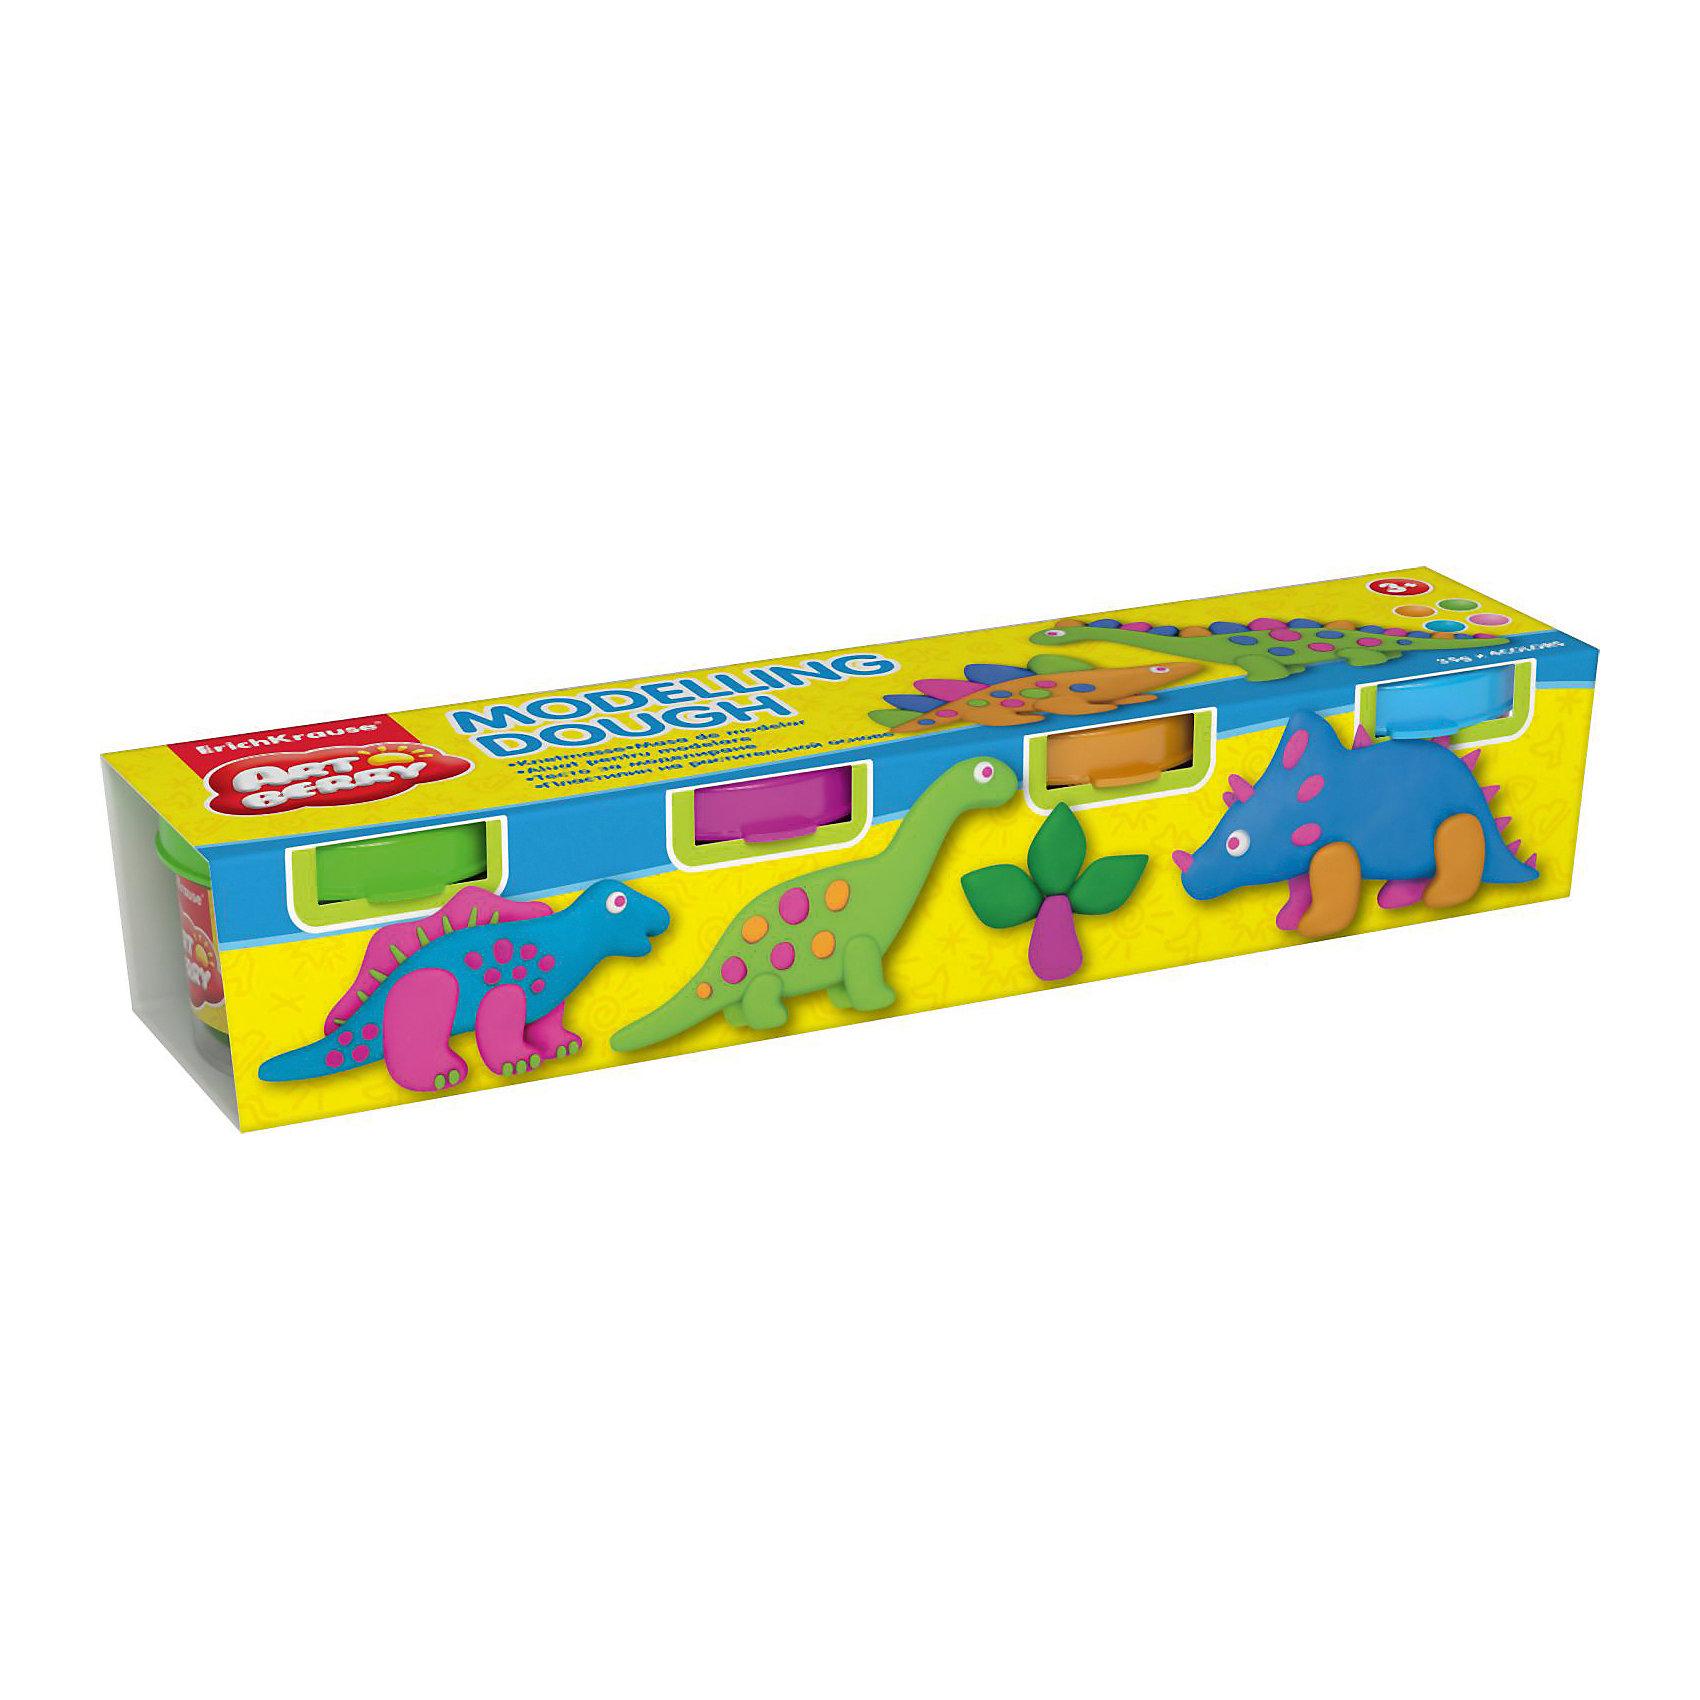 Пластилин на растительной основе Modelling Dough №2, 4 цвета по 35гНаборы для лепки<br>Характеристики товара:<br><br>• материал упаковки: картон<br>• в комплект входит: 4 банки по 35 г<br>• возраст: от 3 лет<br>• габариты упаковки: 22,0х4х4,5 см<br>• вес: 193 г<br>• страна производитель: Россия<br><br>Натуральная продукция – настоящая находка для детского творчества. Так, пластилин на растительной основе станет любимым материалов для творчества у вашего малыша. Мягкий, приятный для тактильного восприятия, он станет фаворитом среди пластилинов у малыша.<br><br>Пластилин на растительной основе Modelling Dough №2, 4 цвета по 35 г, можно купить в нашем интернет-магазине.<br><br>Ширина мм: 220<br>Глубина мм: 40<br>Высота мм: 45<br>Вес г: 193<br>Возраст от месяцев: 36<br>Возраст до месяцев: 2147483647<br>Пол: Унисекс<br>Возраст: Детский<br>SKU: 5409325